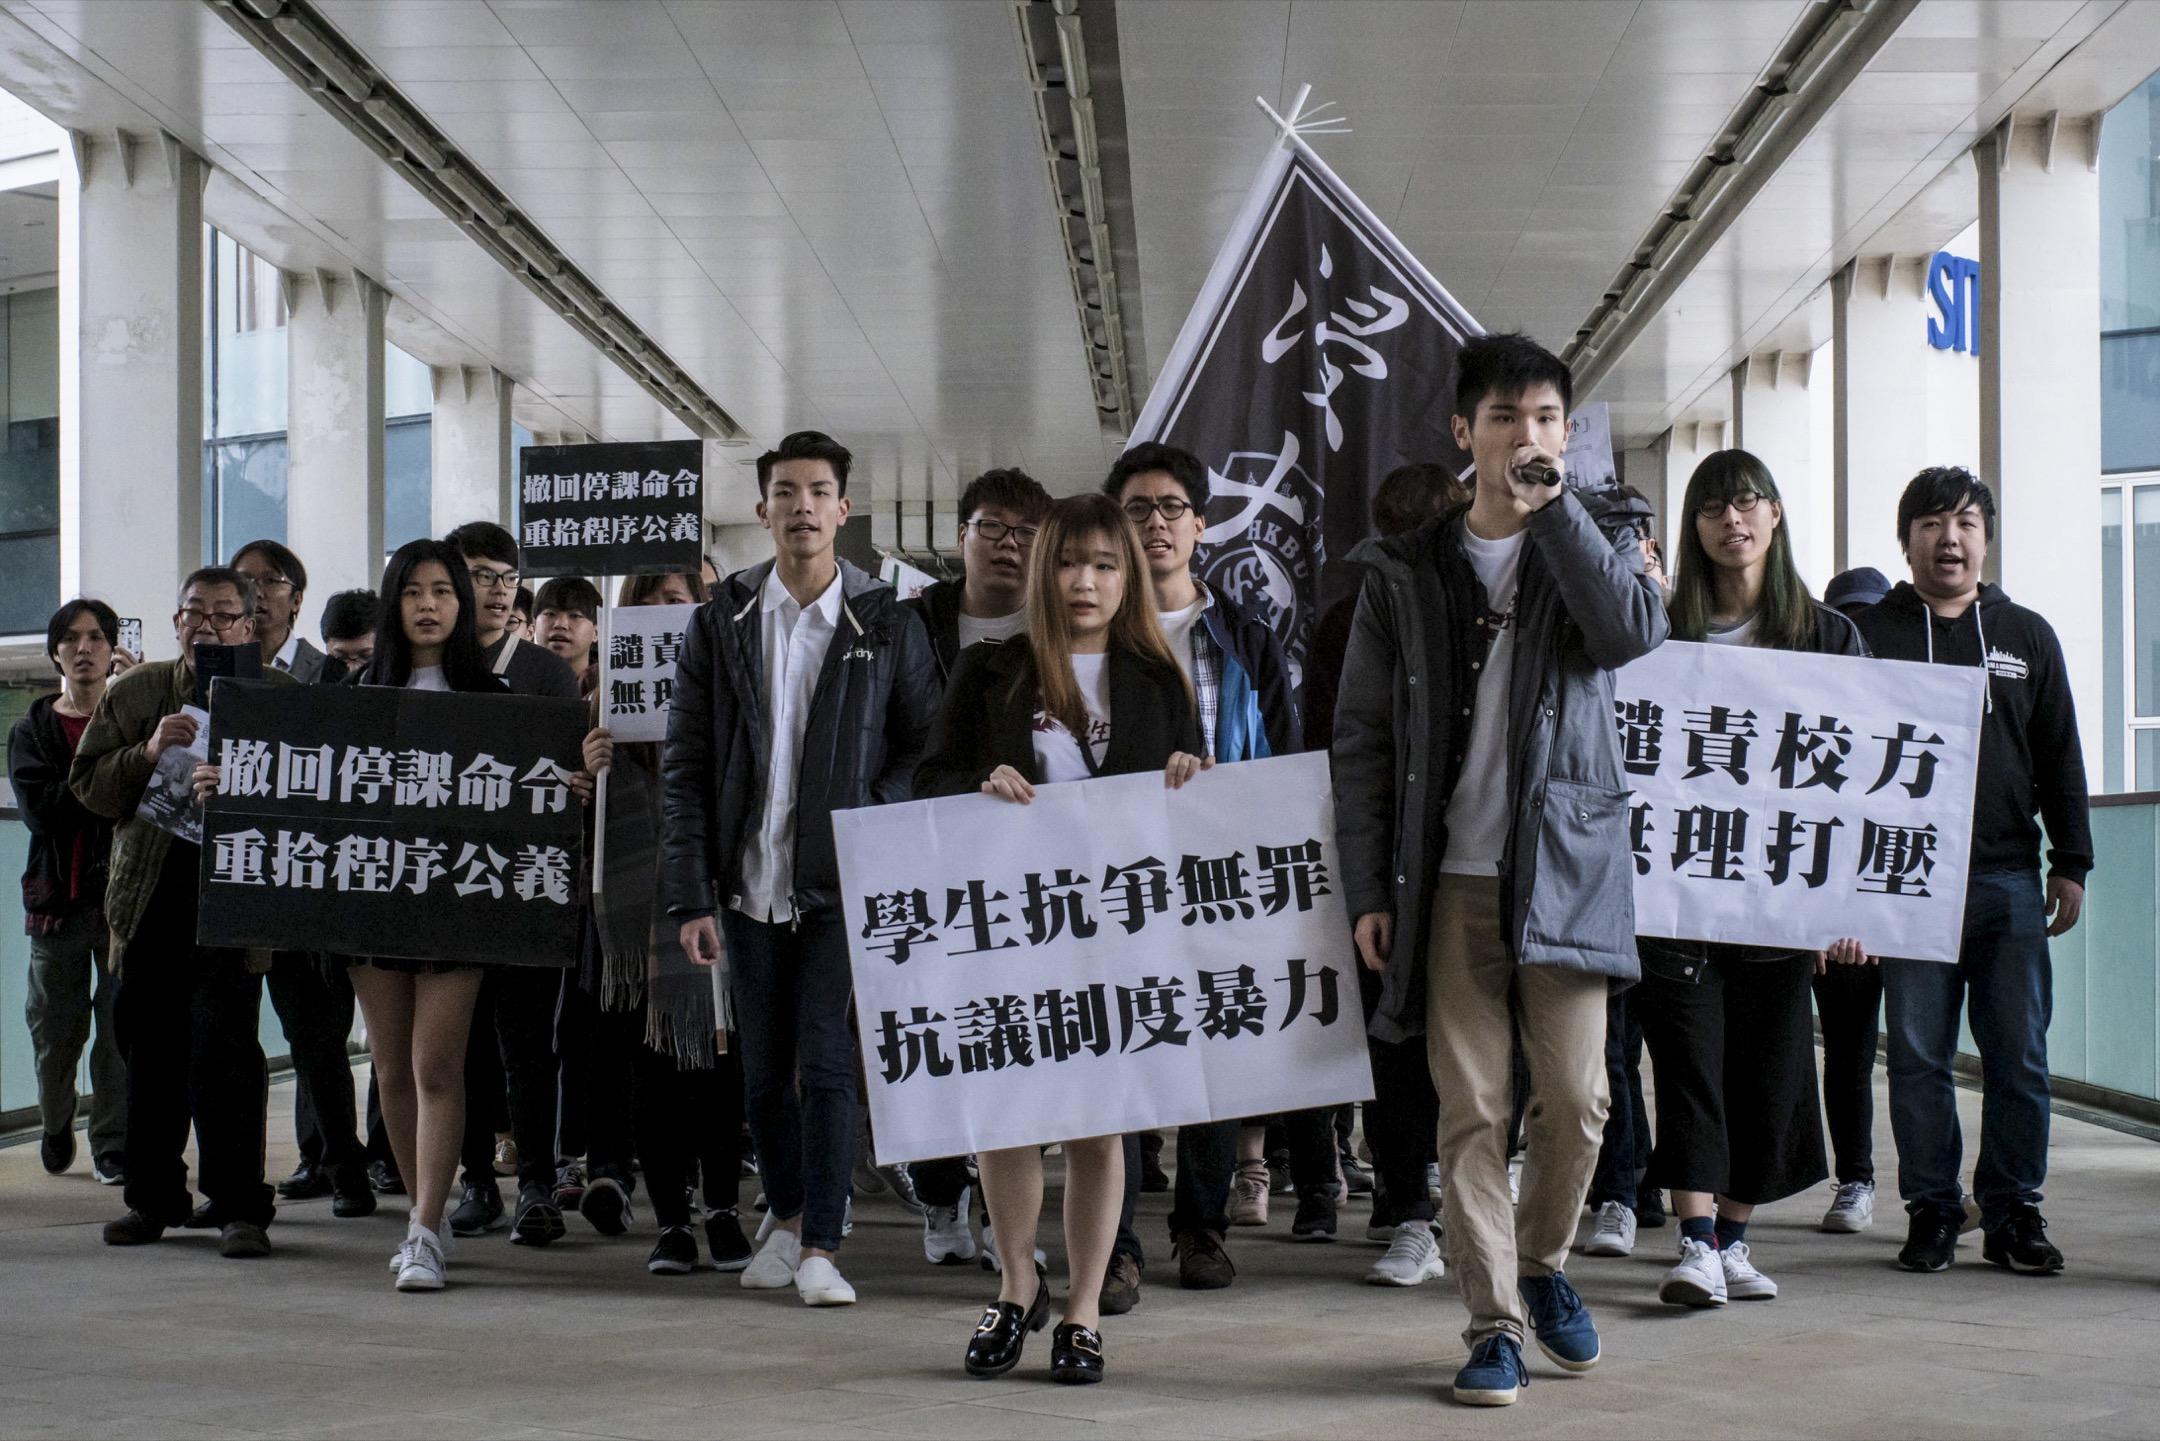 2018年1月26日,浸會大學學生會發起集會遊行,抗議校方無理打壓學生,並要求立刻撤回停課決定。遊行約有300多人參加。 攝:Stanley Leung/端傳媒